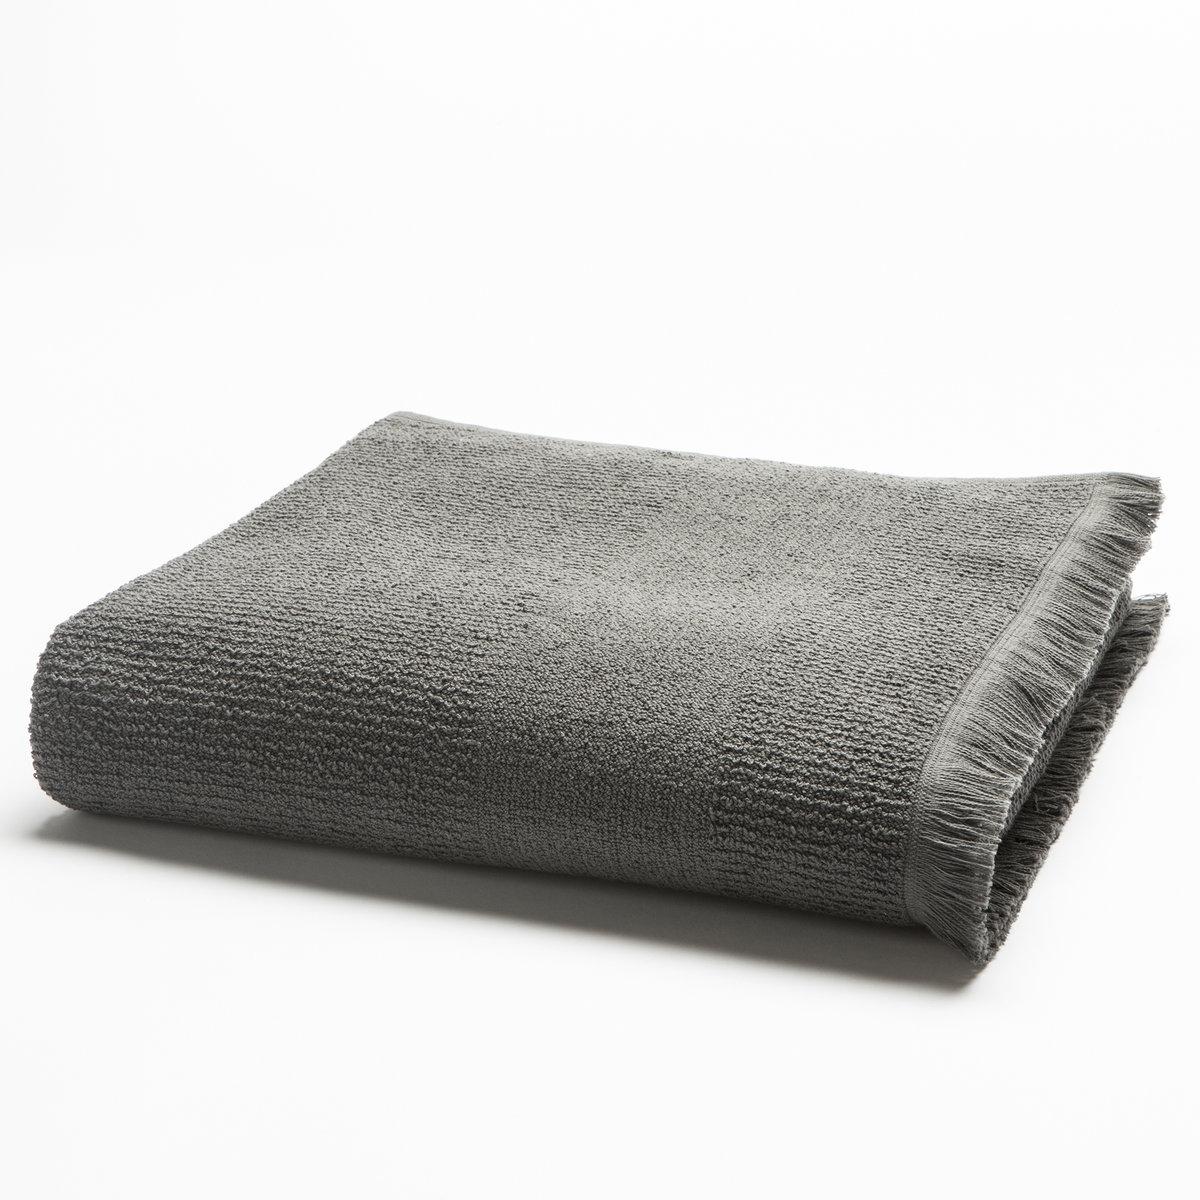 Полотенце банное большое, 500 г/м?Характеристики большого банного полотенца, 500 г/м? :100% хлопка (500 г/м?), отделка байхромой. Материал долго сохраняет мягкость и прочность. Превосходная стойкость цвета при стирке 60°.Машинная сушка.Размеры большого махрового полотенца, 500 г/м? :100 x 150 см.<br><br>Цвет: антрацит